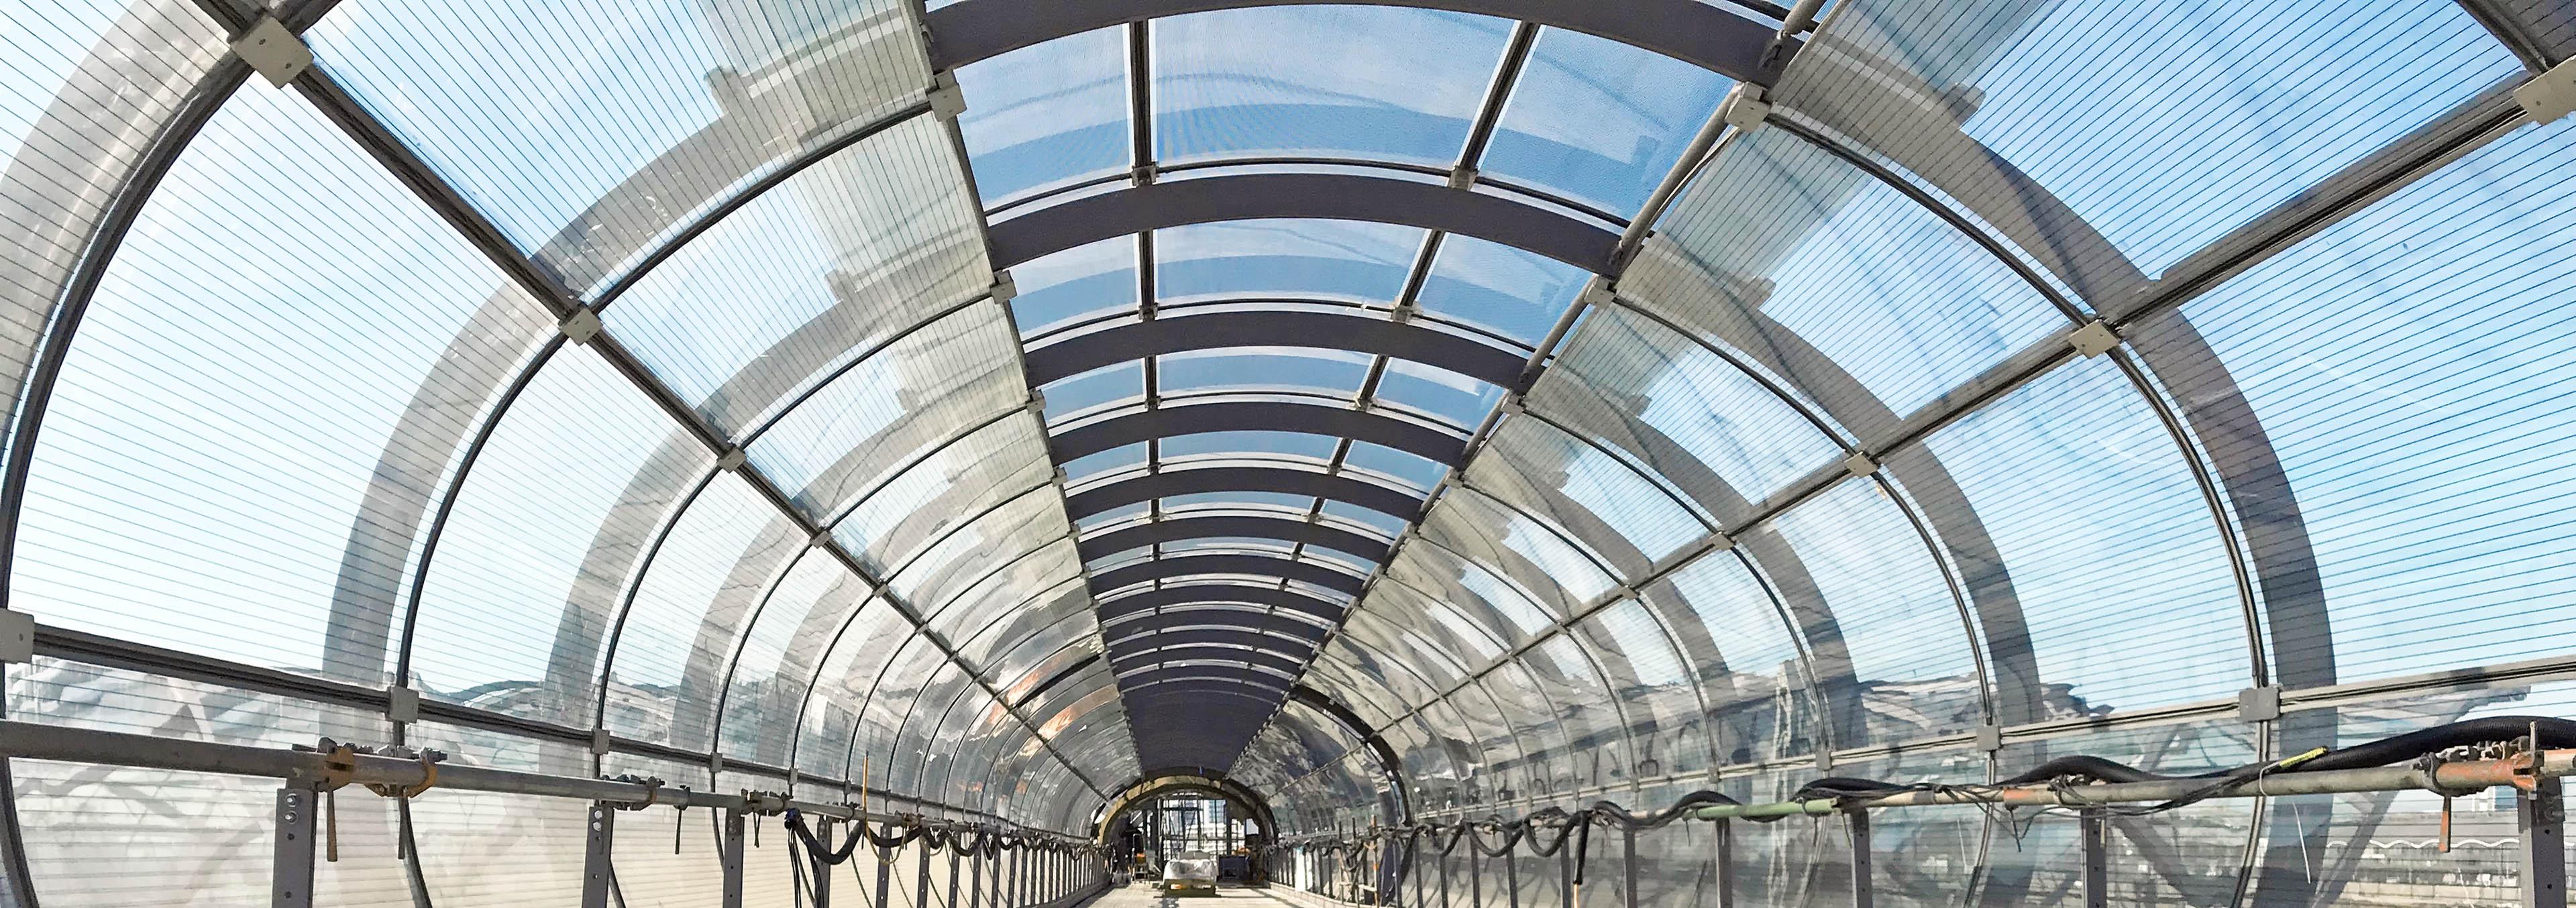 Verbindungsbrücke aus Stahl und Glas. Blick in die Röhre des Skywalk der Hochbahn Hamburg.